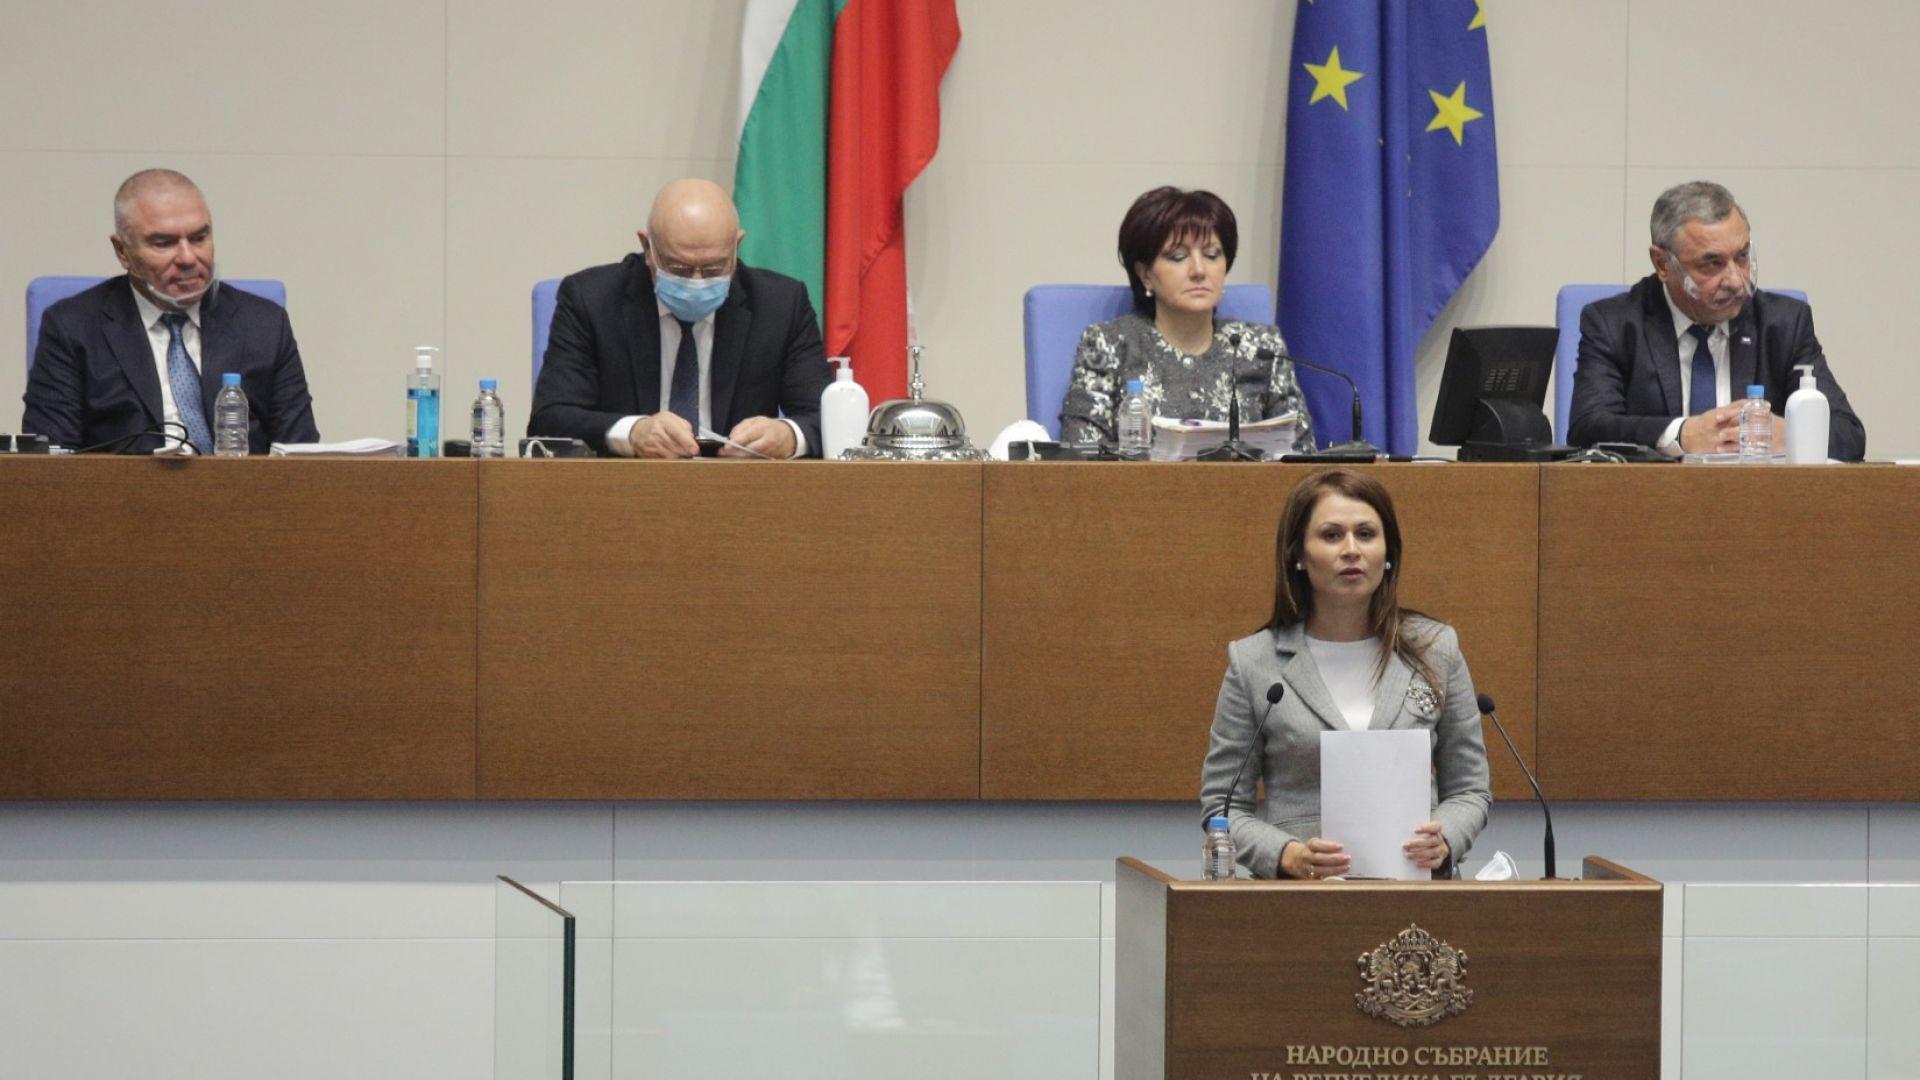 """Кръстина Таскова от """"Воля"""" пък изрази мнение, че е важно да бъдат направени всички необходими промени в Изборния кодекс, за да може да се гарантират едни прозрачни избори, както и да се гарантират резултатите за българския народ."""